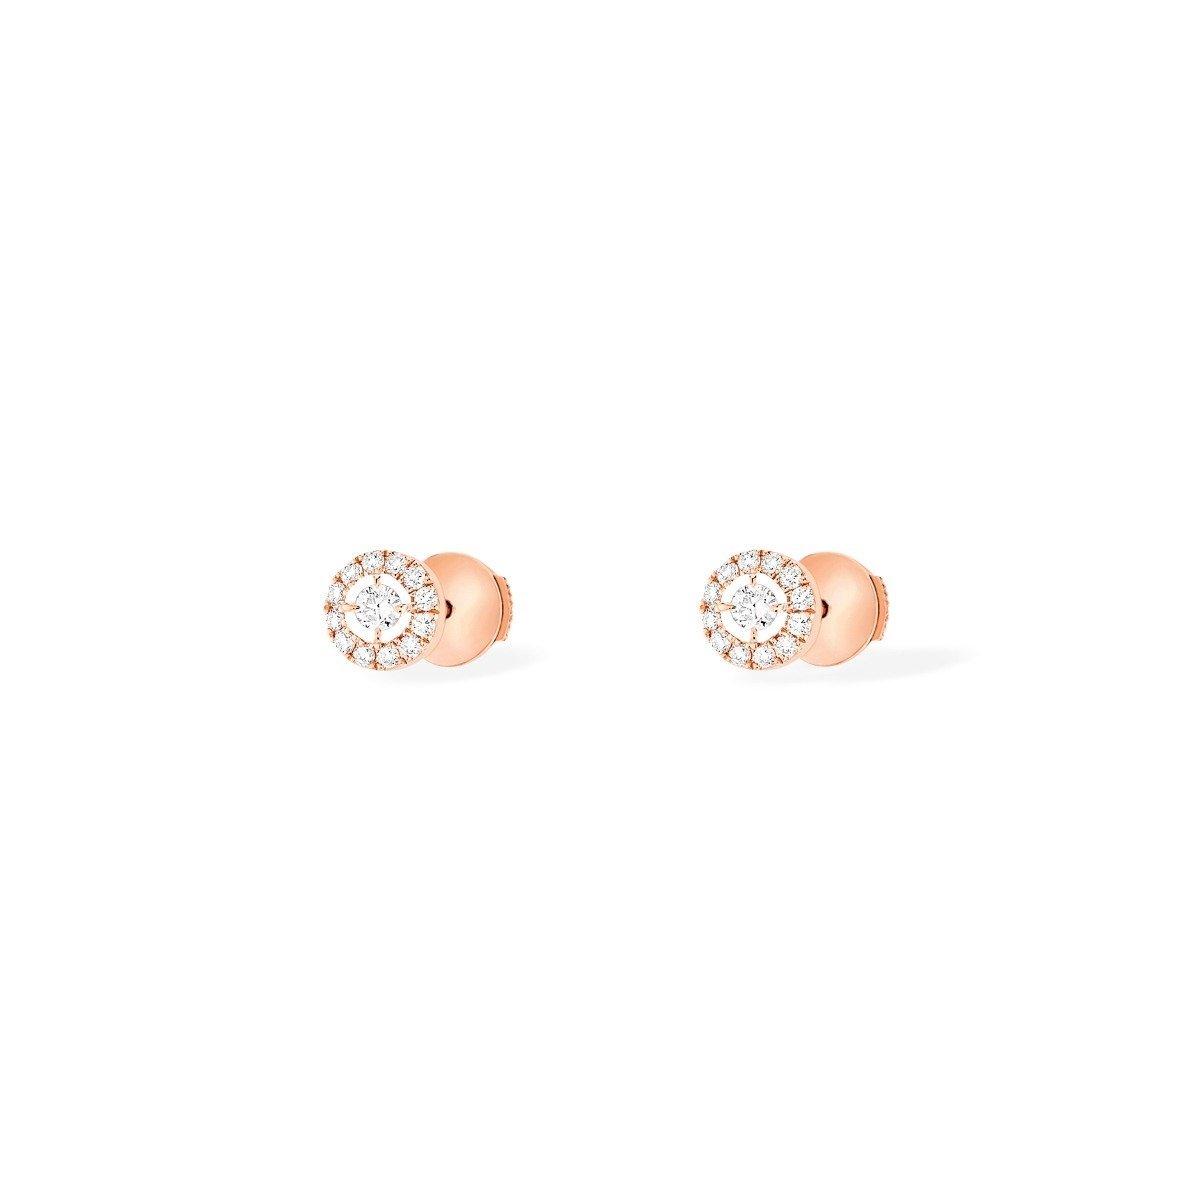 Boucles d'oreilles Messika Joy Diamants Ronds PM en or rose et diamants vue 2